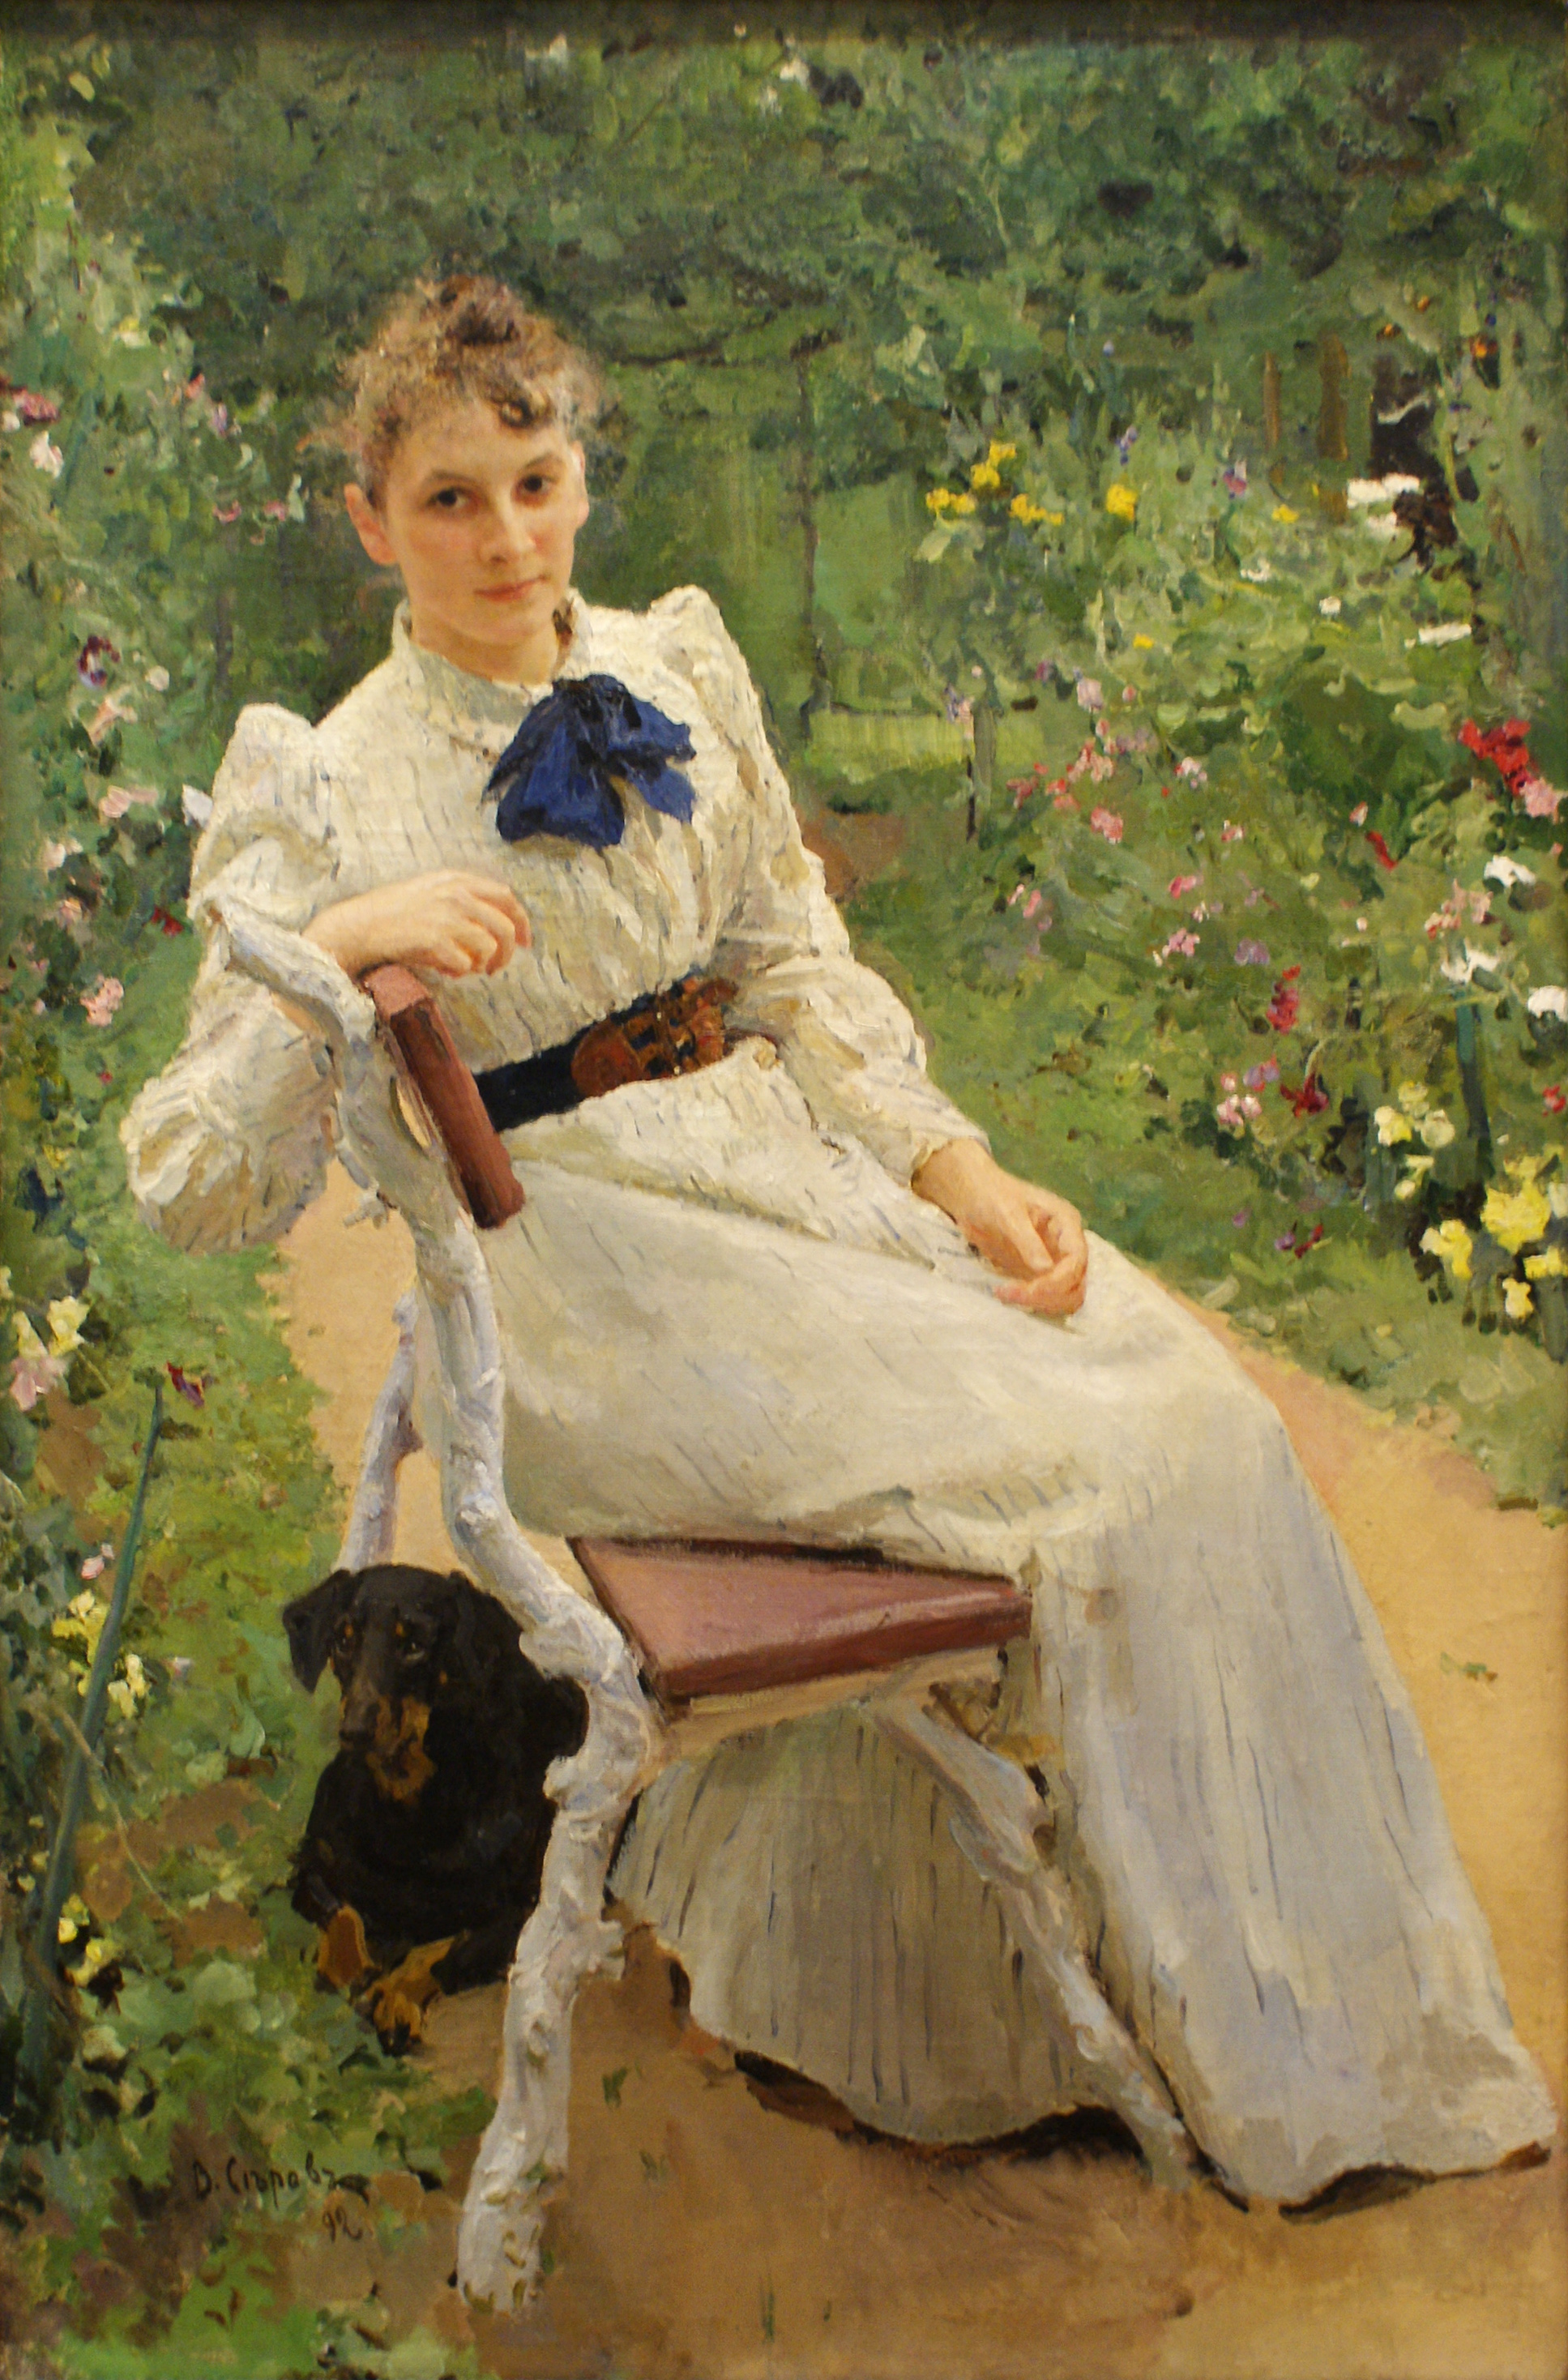 ... , описание картины - Портреты фото: www.wm-painting.ru/MasterPieces/p19_sectionid/37/p19_imageid/3762